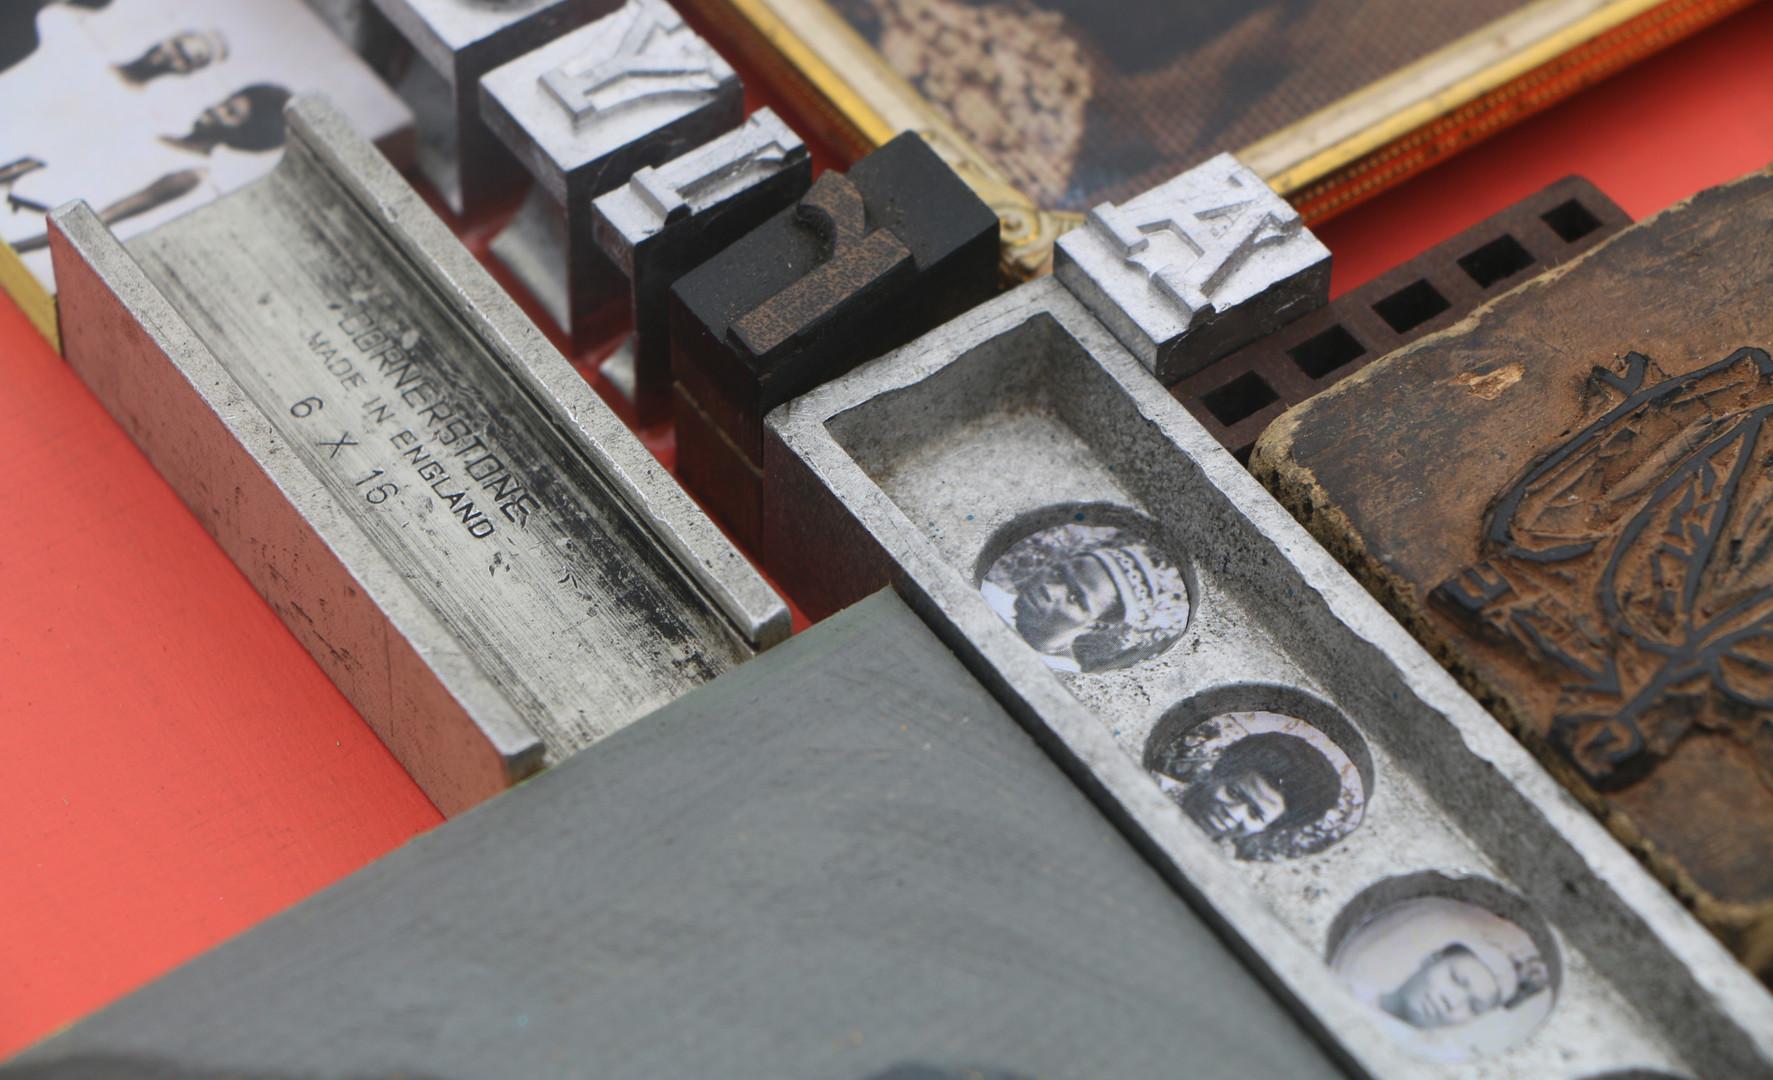 Kelani Abass, 2020, Scrap of Evidence (Ariyo), technique mixte sur bois (pièces d'imprimerie métalliques, huile sur toile, impression digitale, cadre, tampon en caoutchouc), 34 x 37 cm. Détail